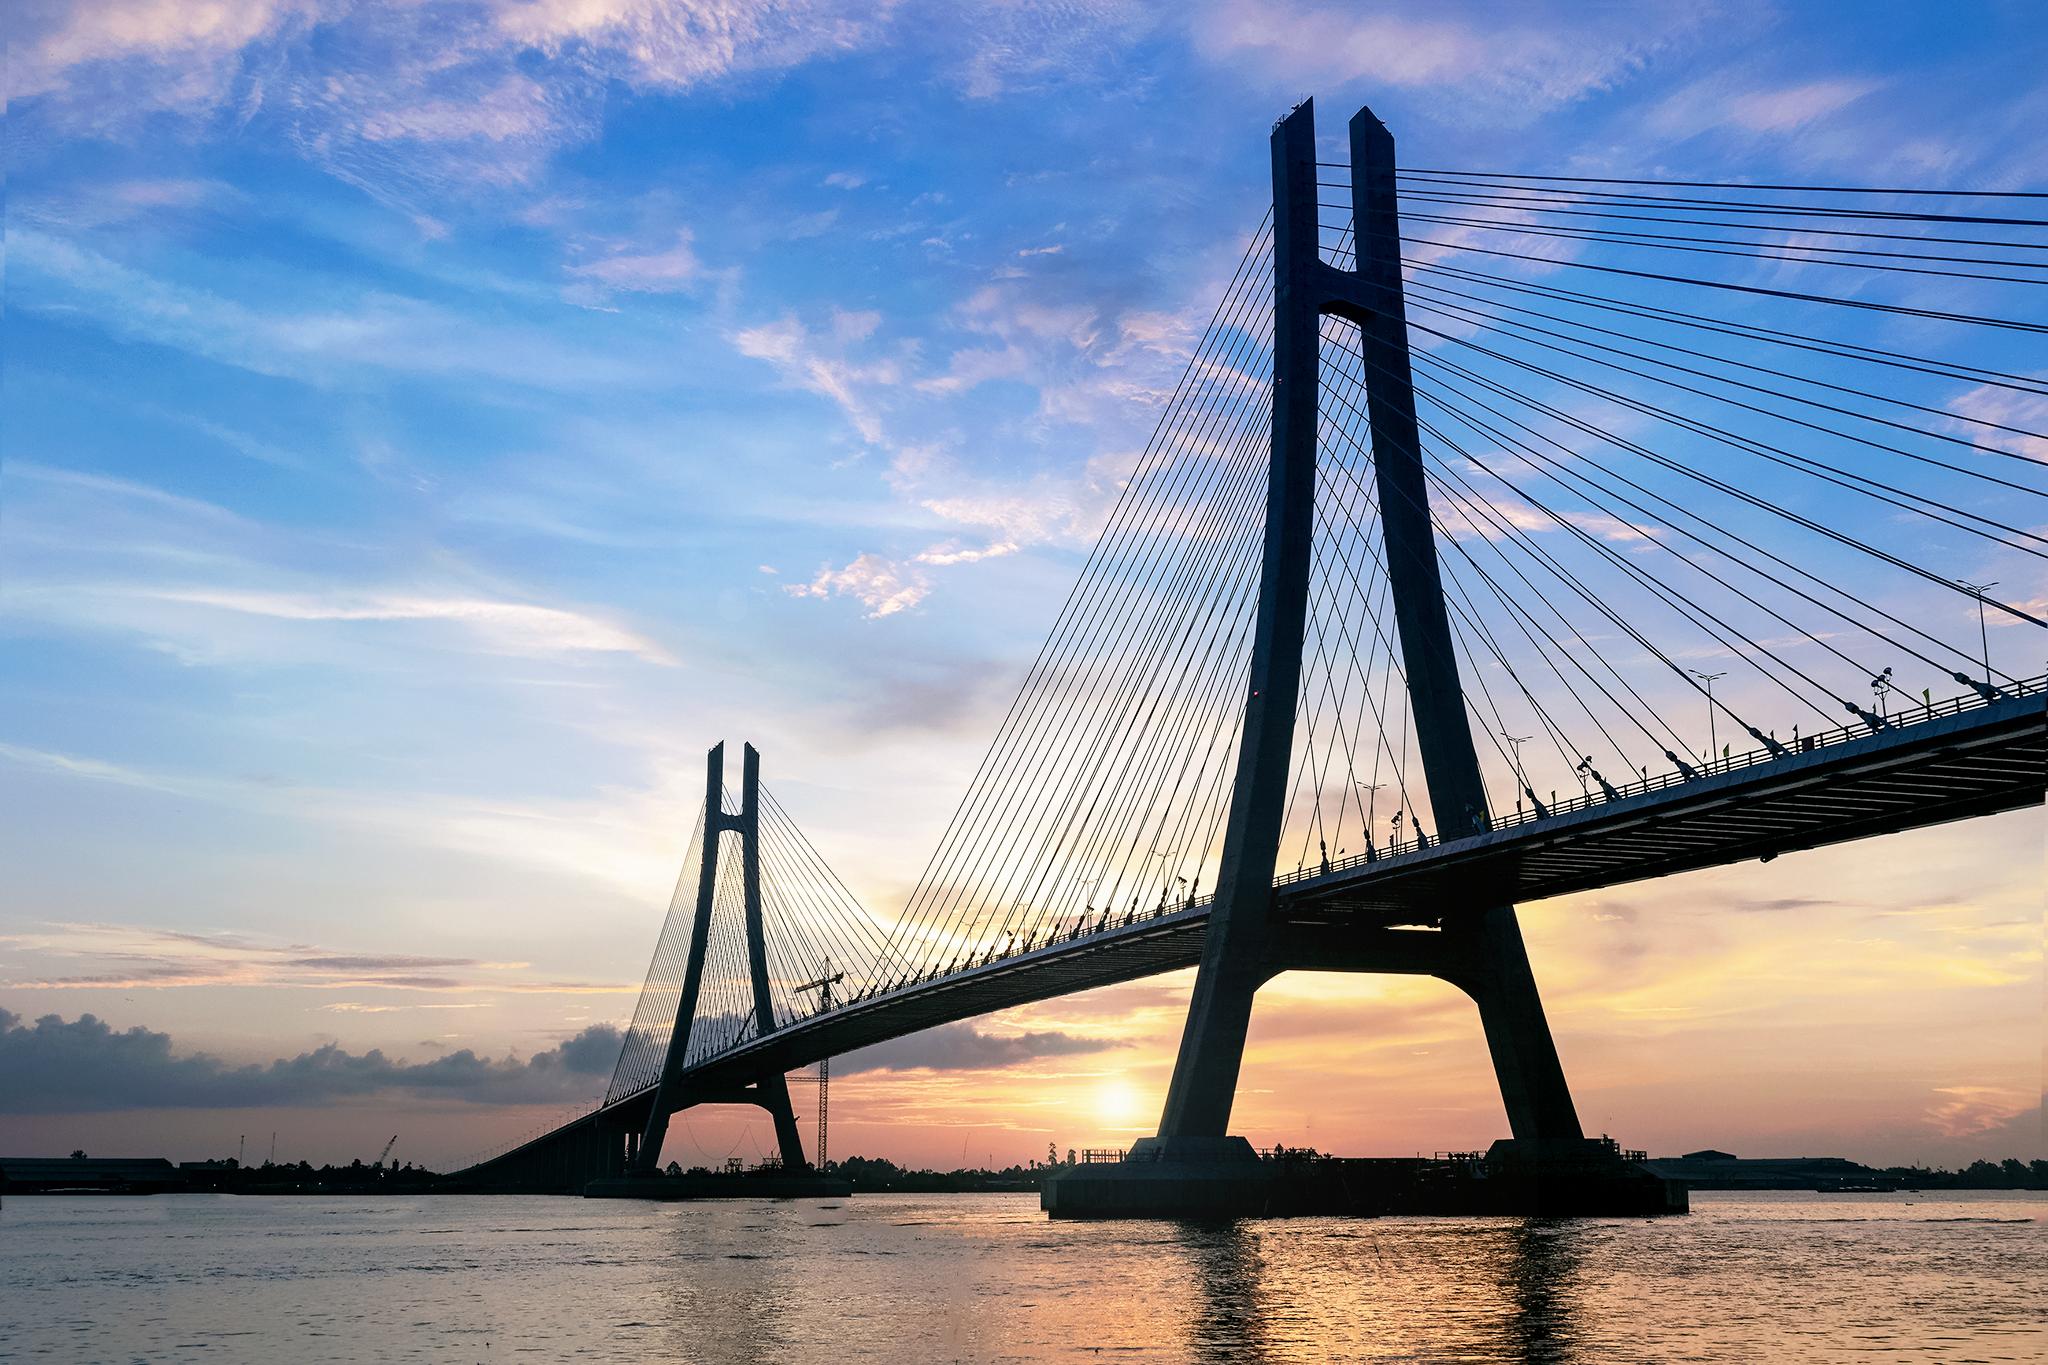 Năm dự án hạ tầng nghìn tỉ hoàn thành trong năm 2019